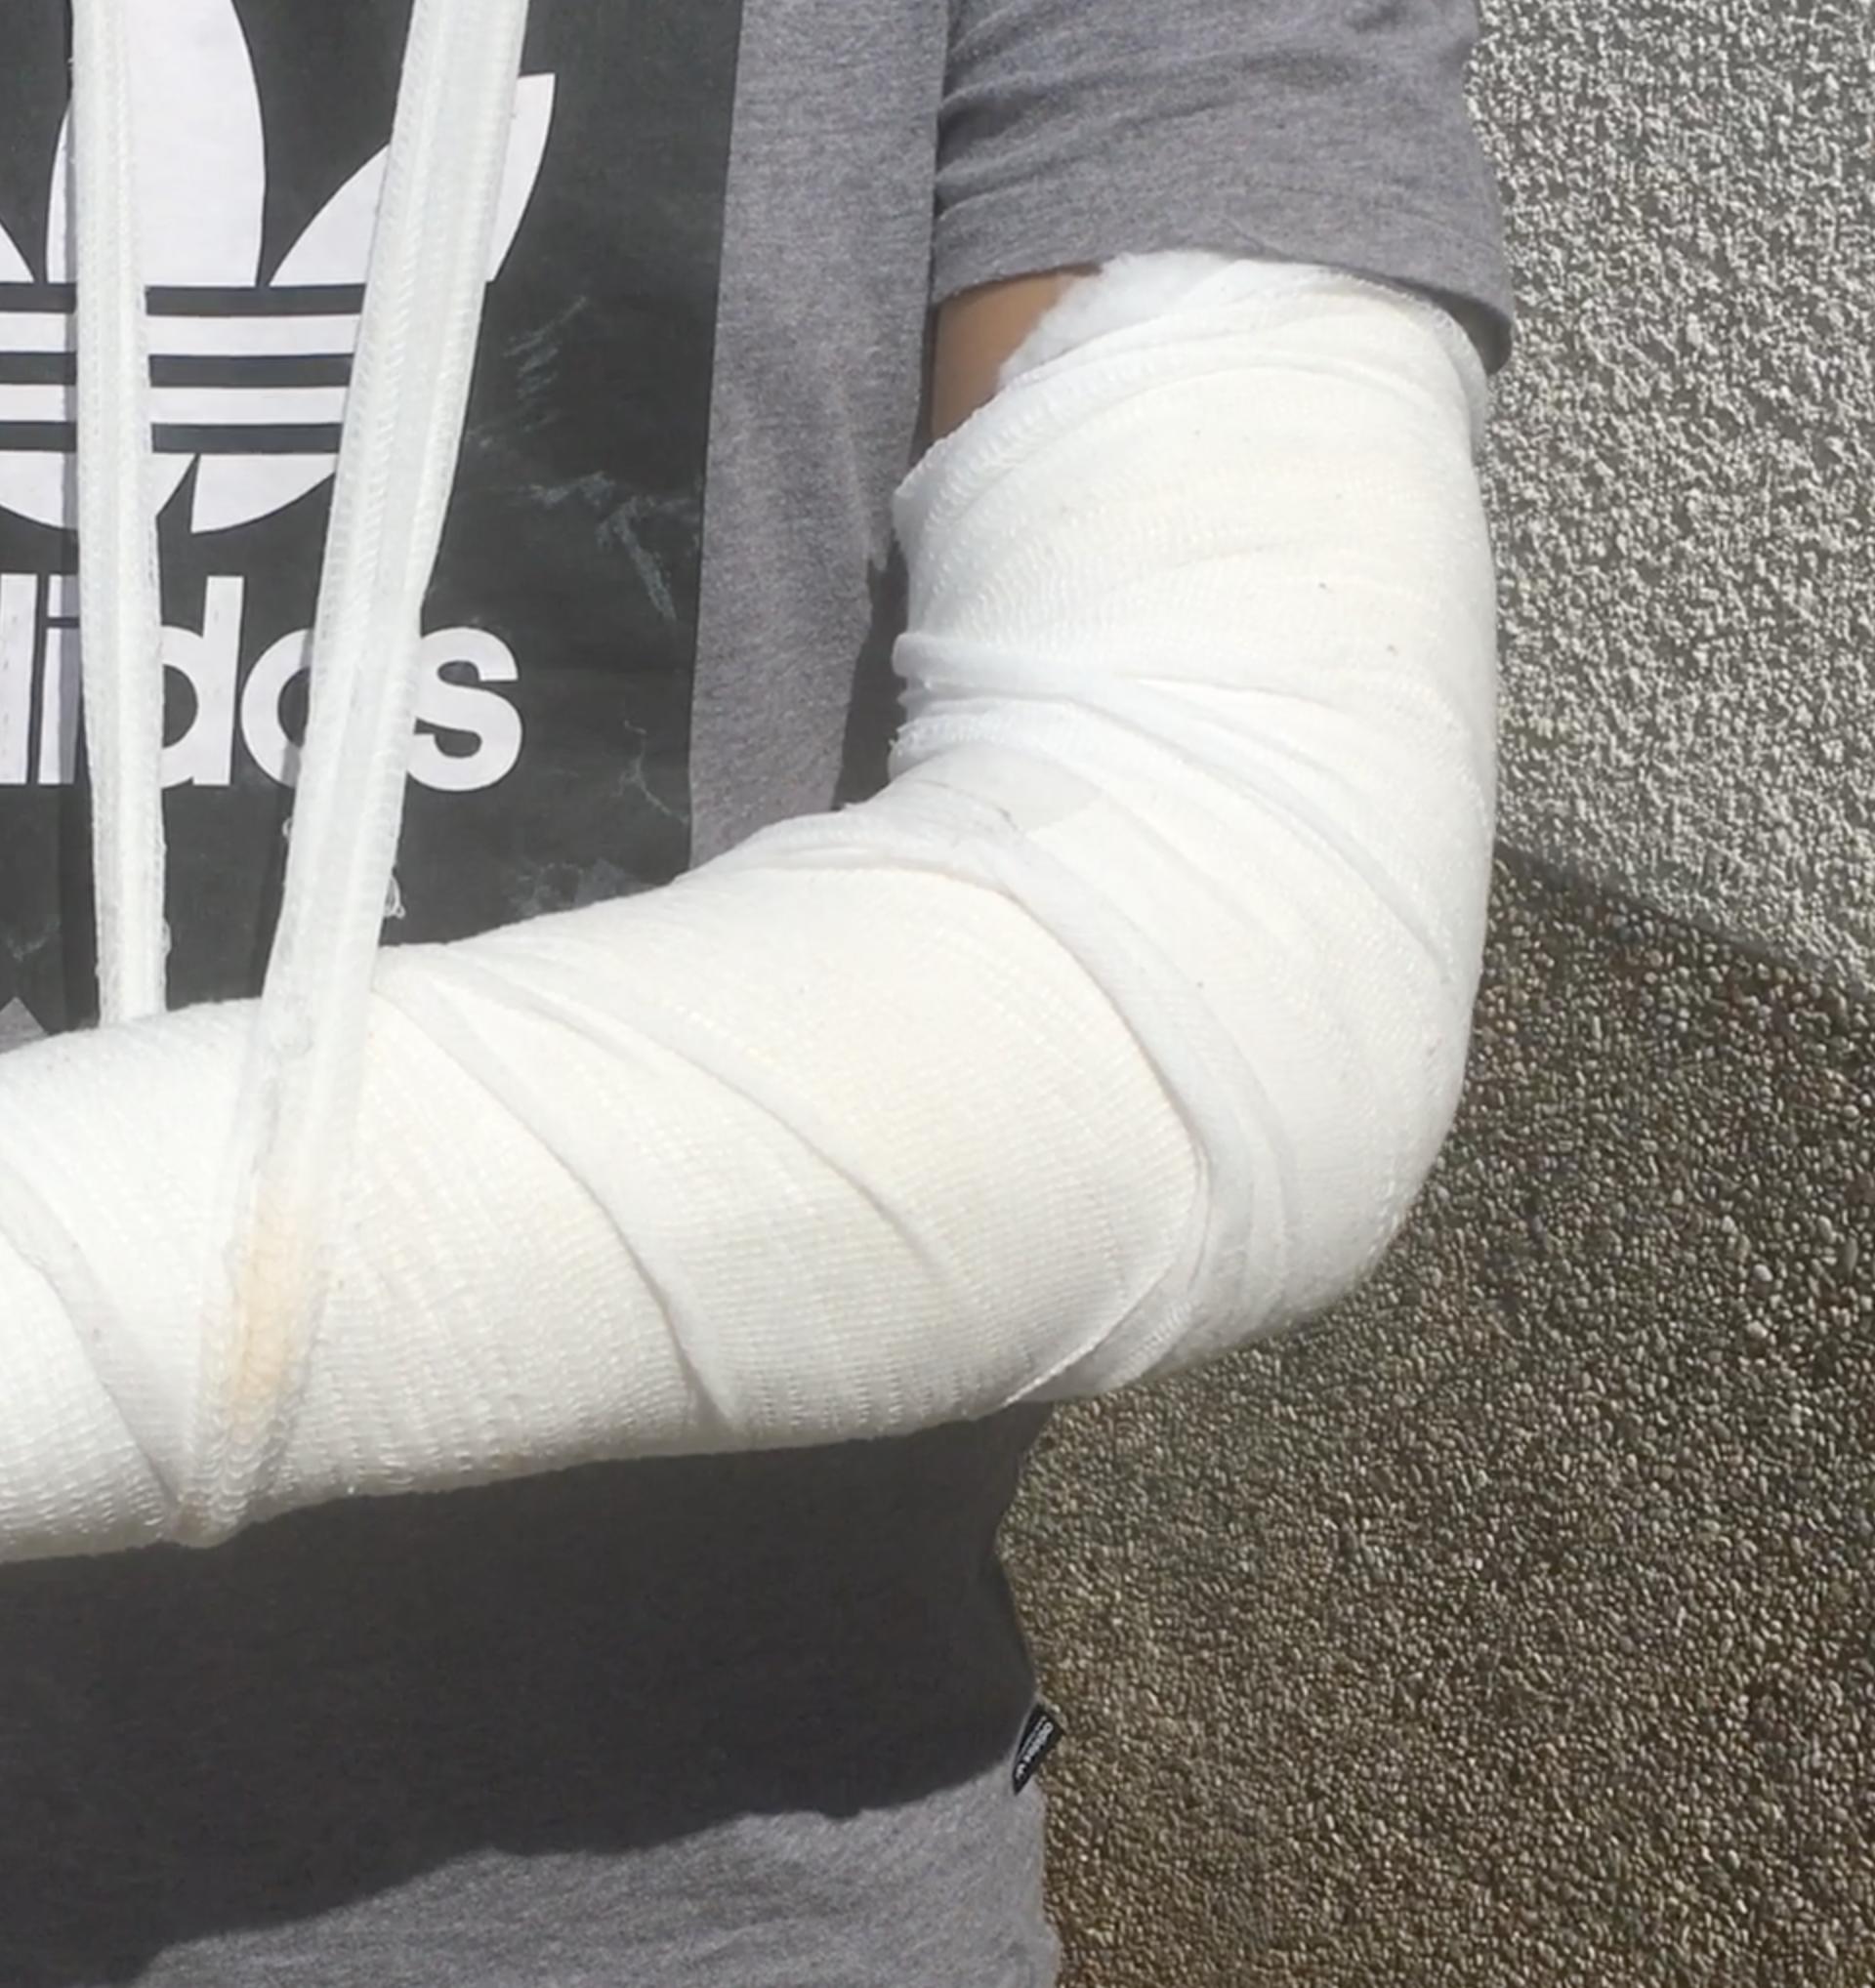 Vojnik koji je dječaku slomio ruku: Pitajte ljude kakav sam